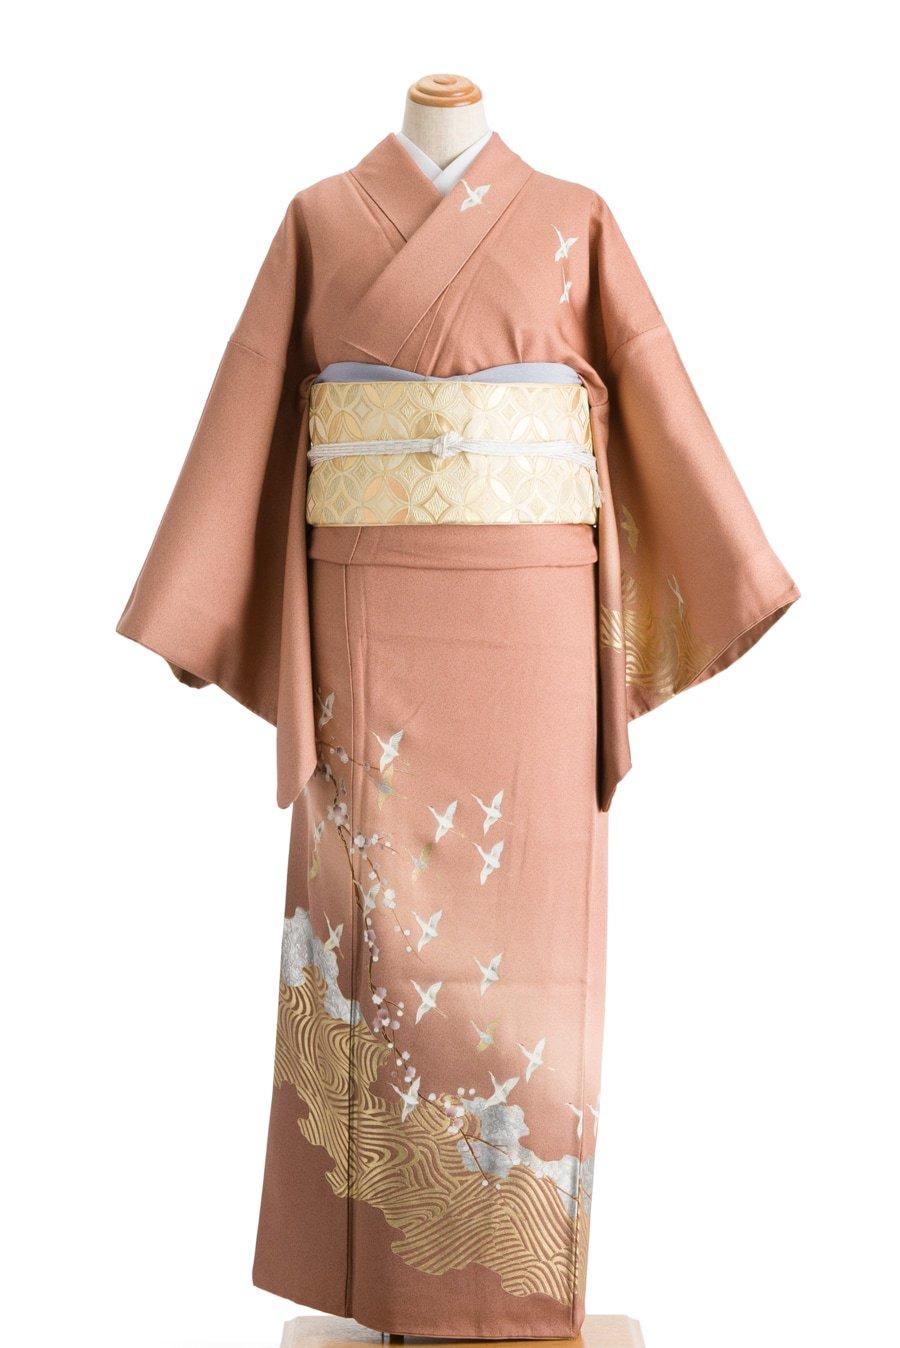 「訪問着 梅と鶴」の商品画像